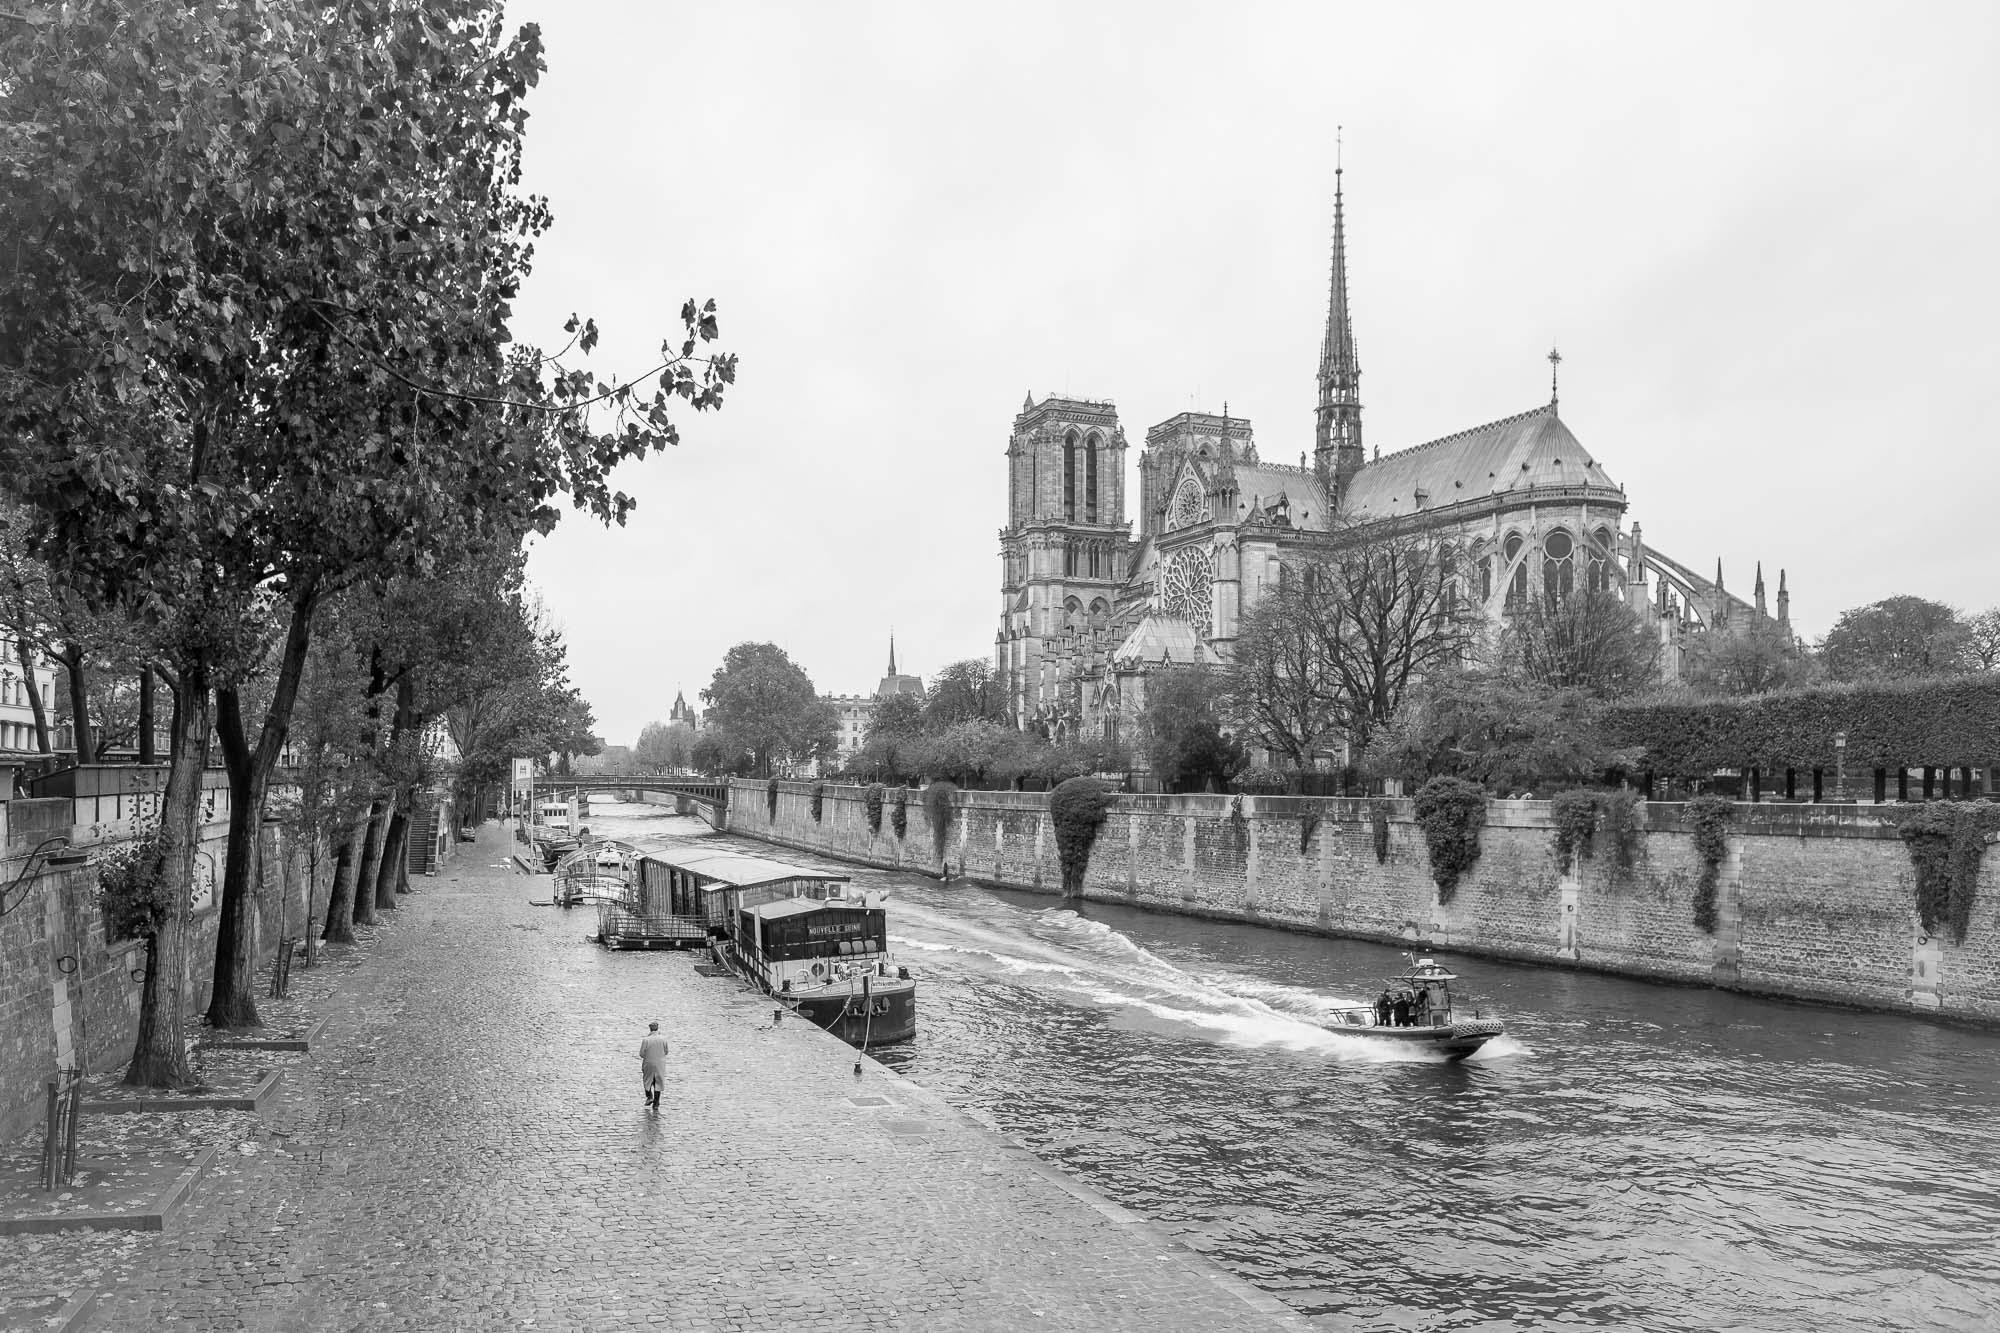 Paris, Notre-Dame, BW, Илья Беленький